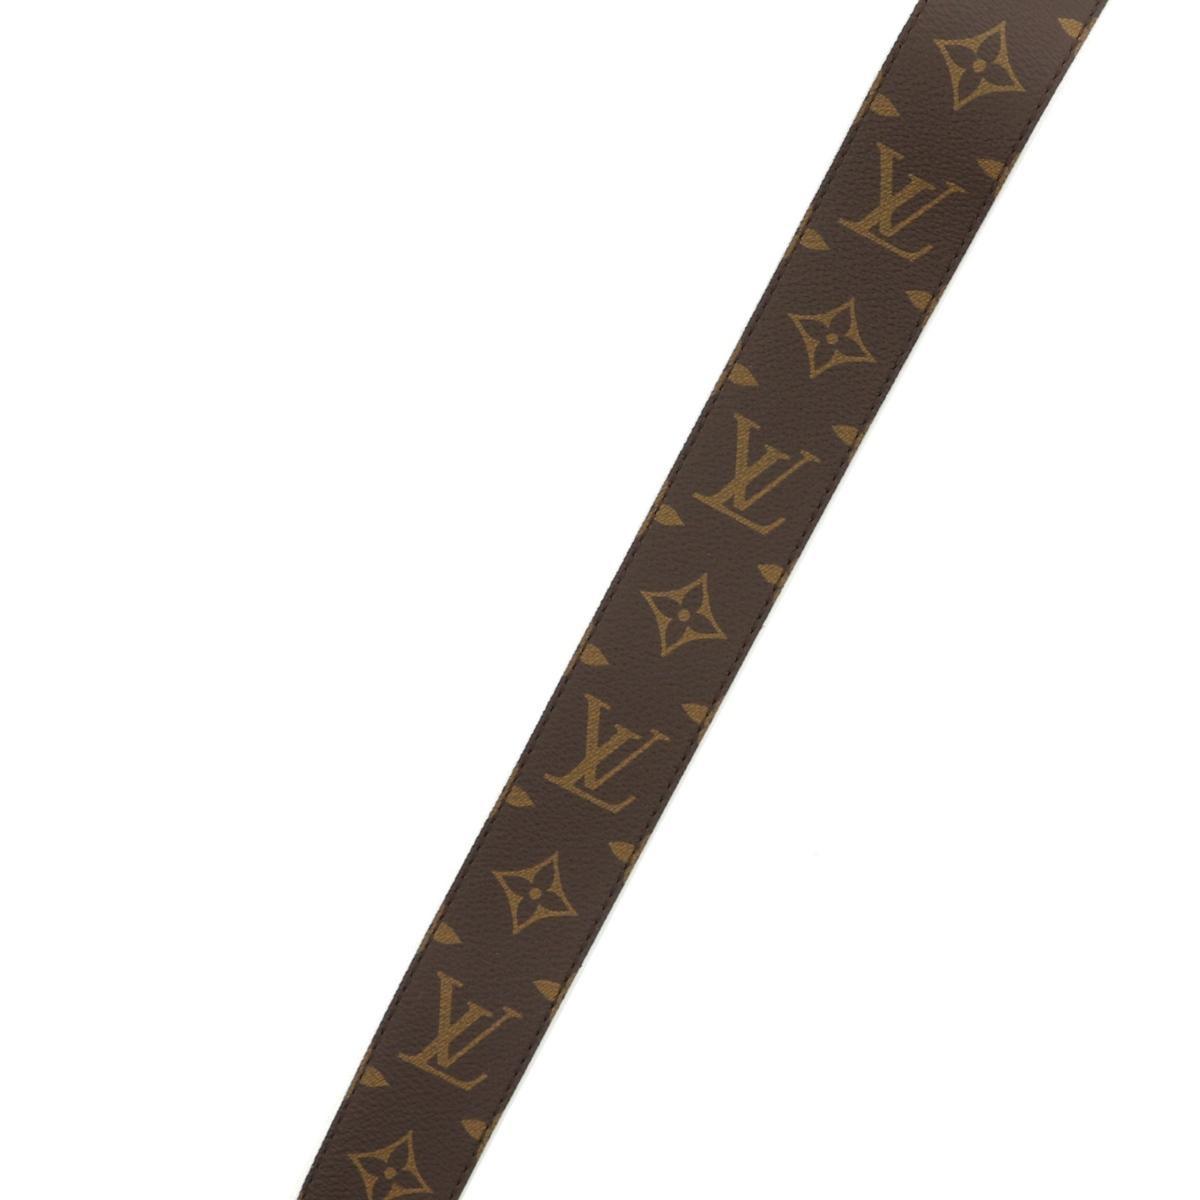 【即日発送・水曜定休日・木曜発送】【美品】【中古】【オススメ】【RI】 LOUIS VUITTON (ルイヴィトン) ショルダーストラップ 小物 ショルダーストラップ Monogram/Hotpink モノグラム・ホットピンク J02285 used:A